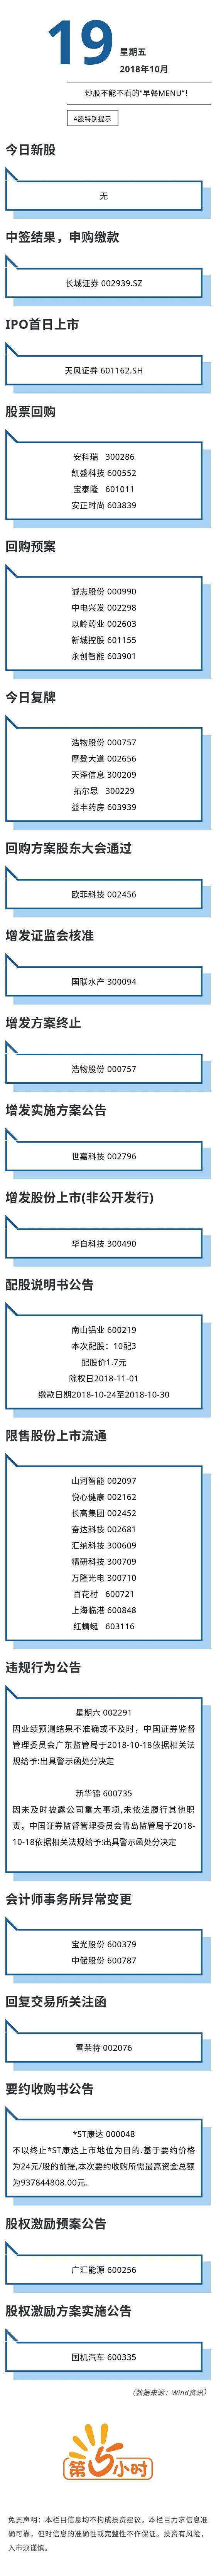 A股特别提示(2018-10-19).jpg